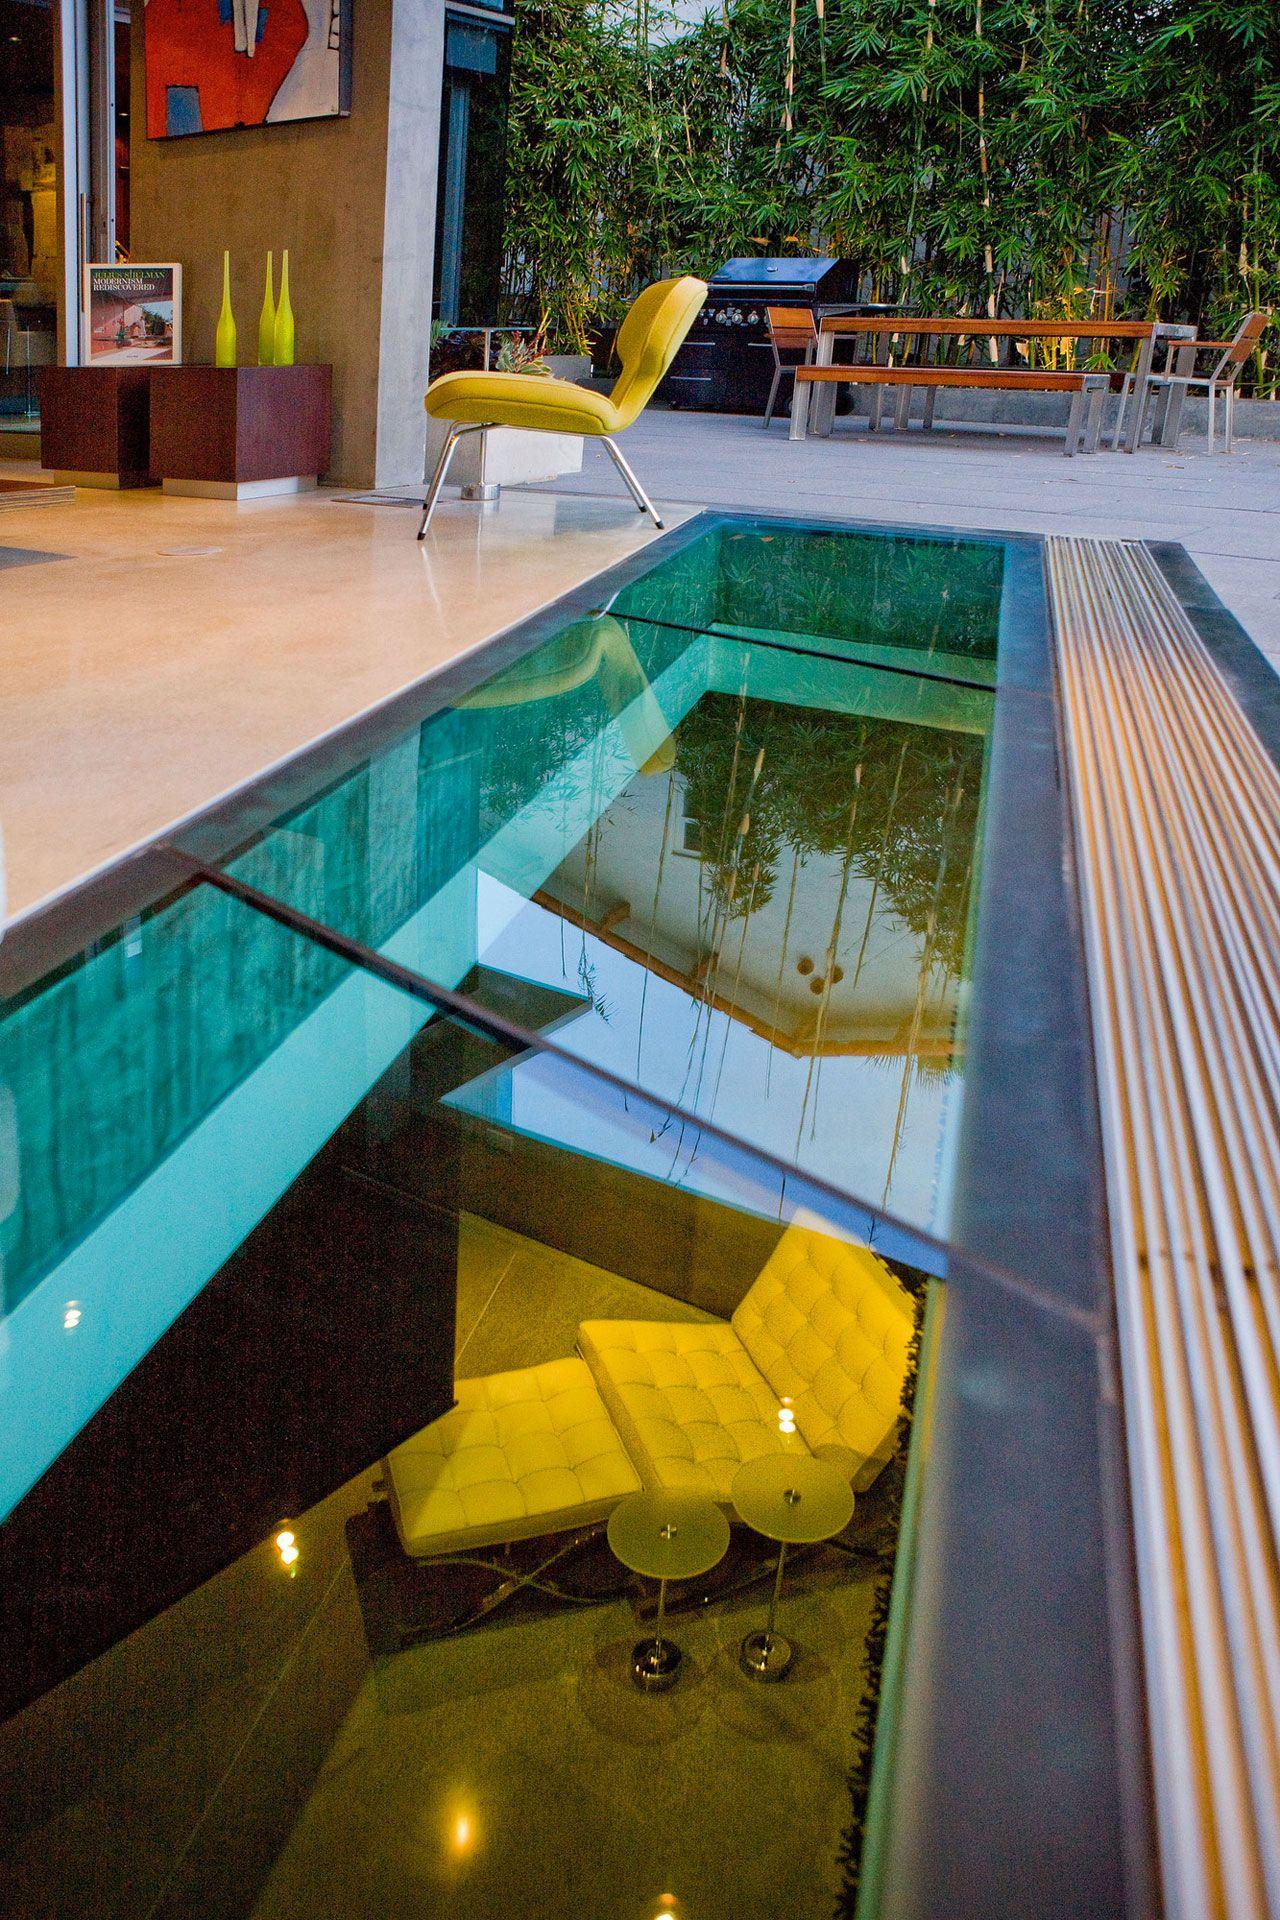 Lemperle Residence glass floor by Jonathan Segal